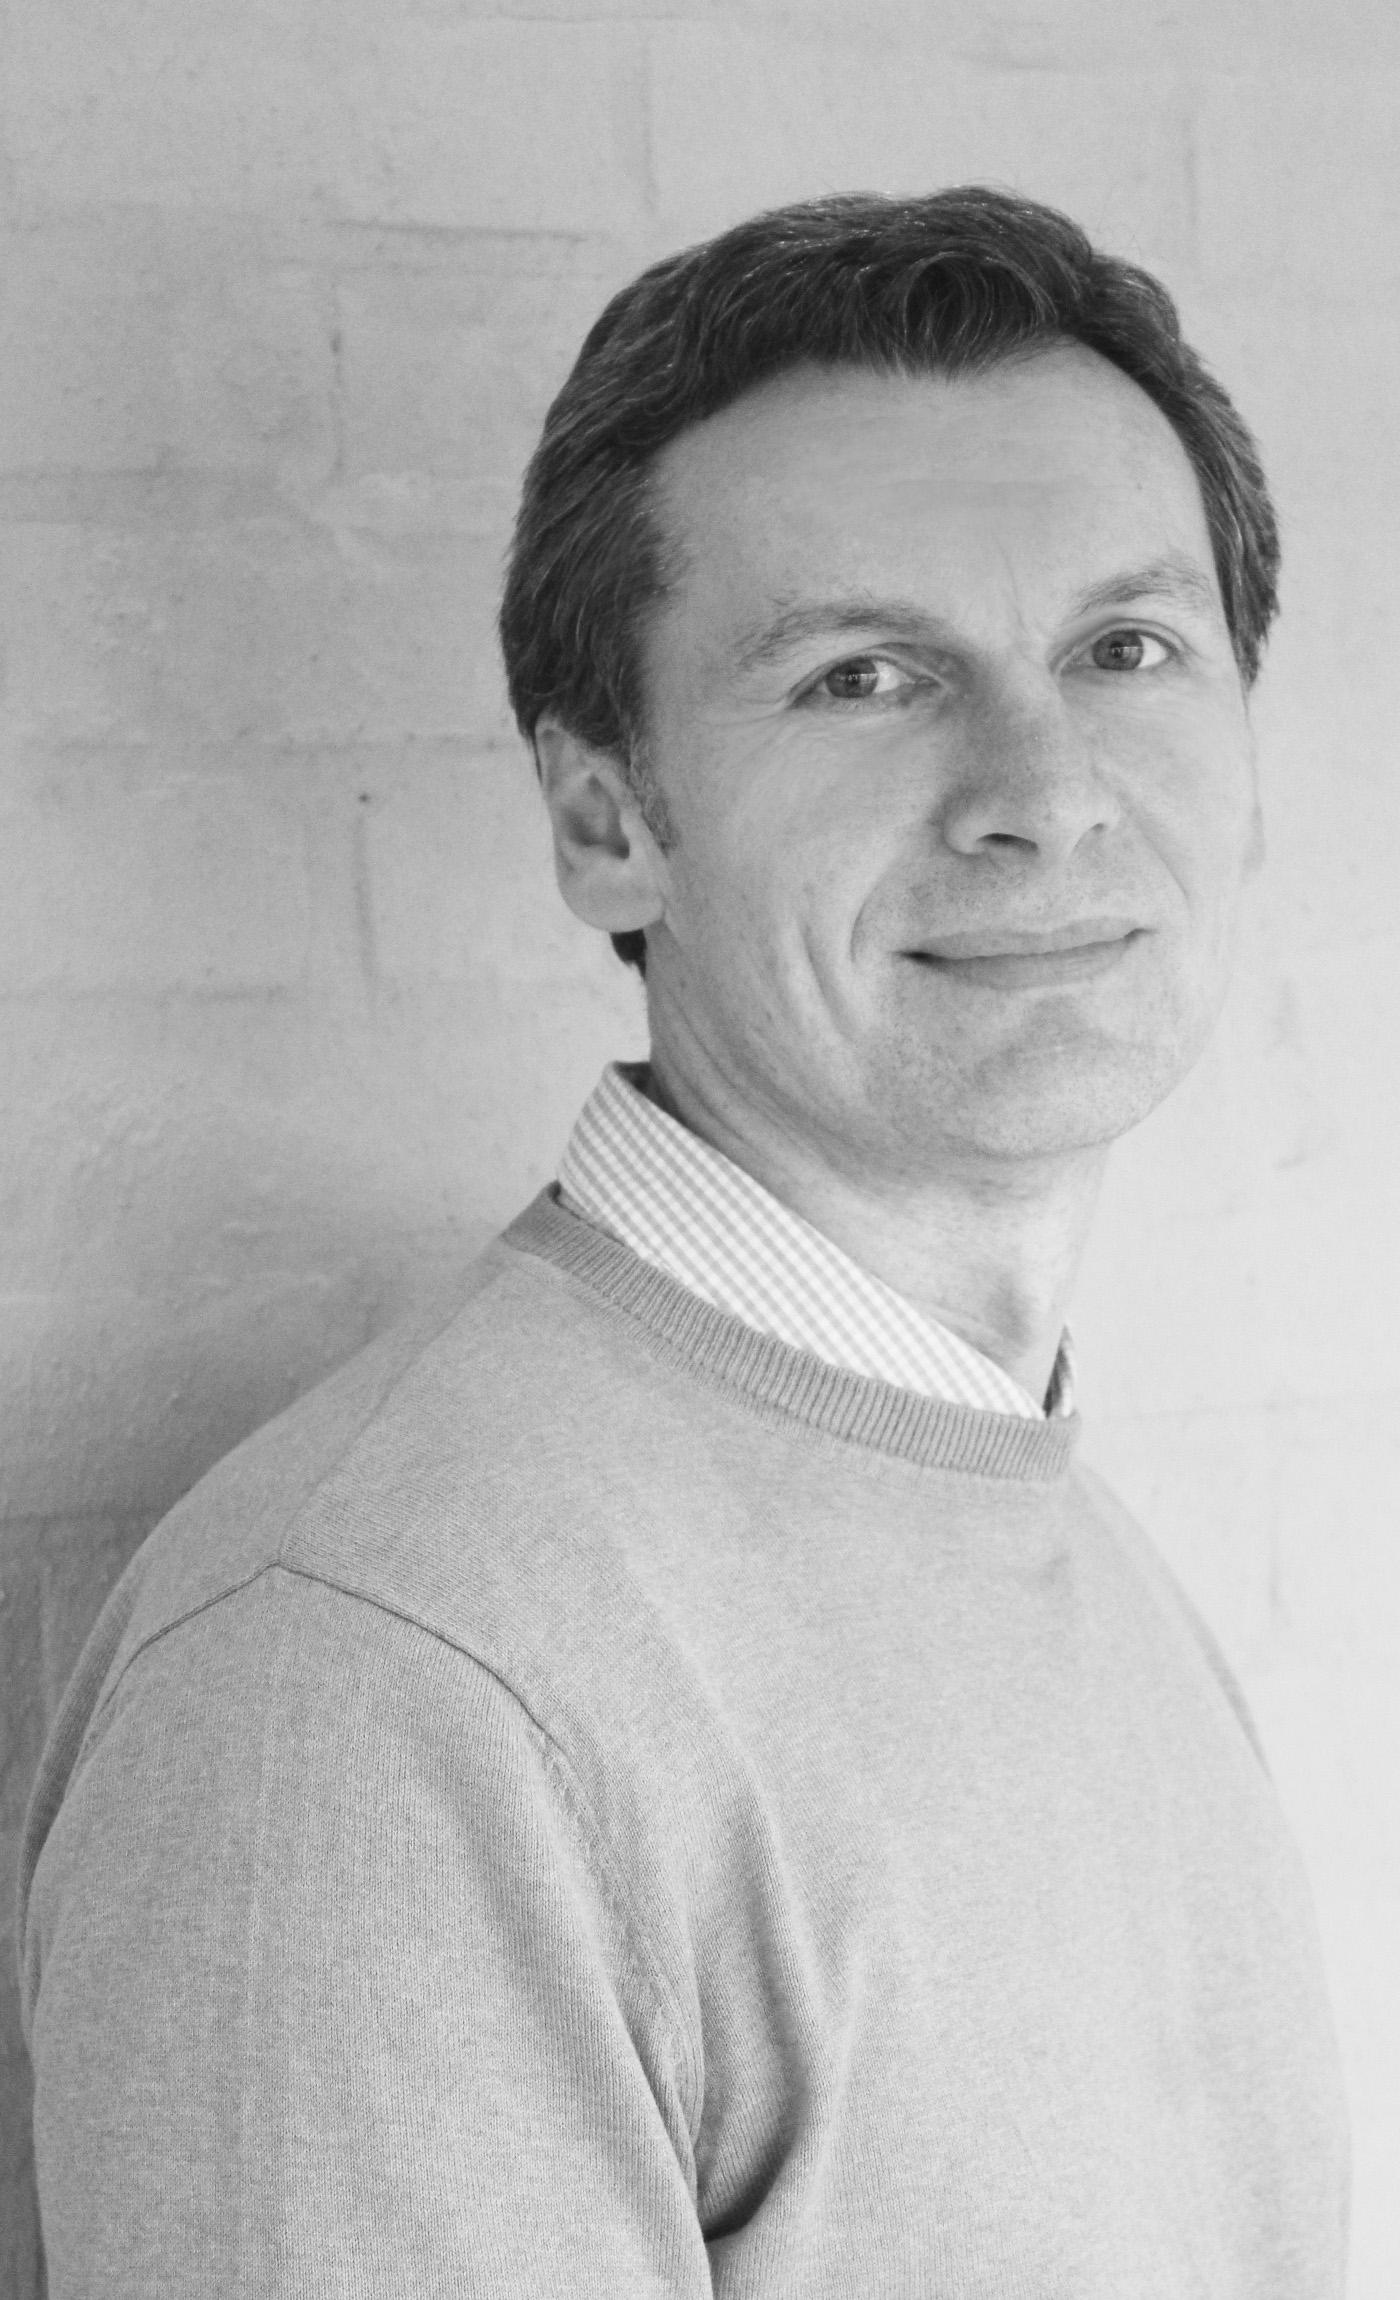 Konstantin Rempel